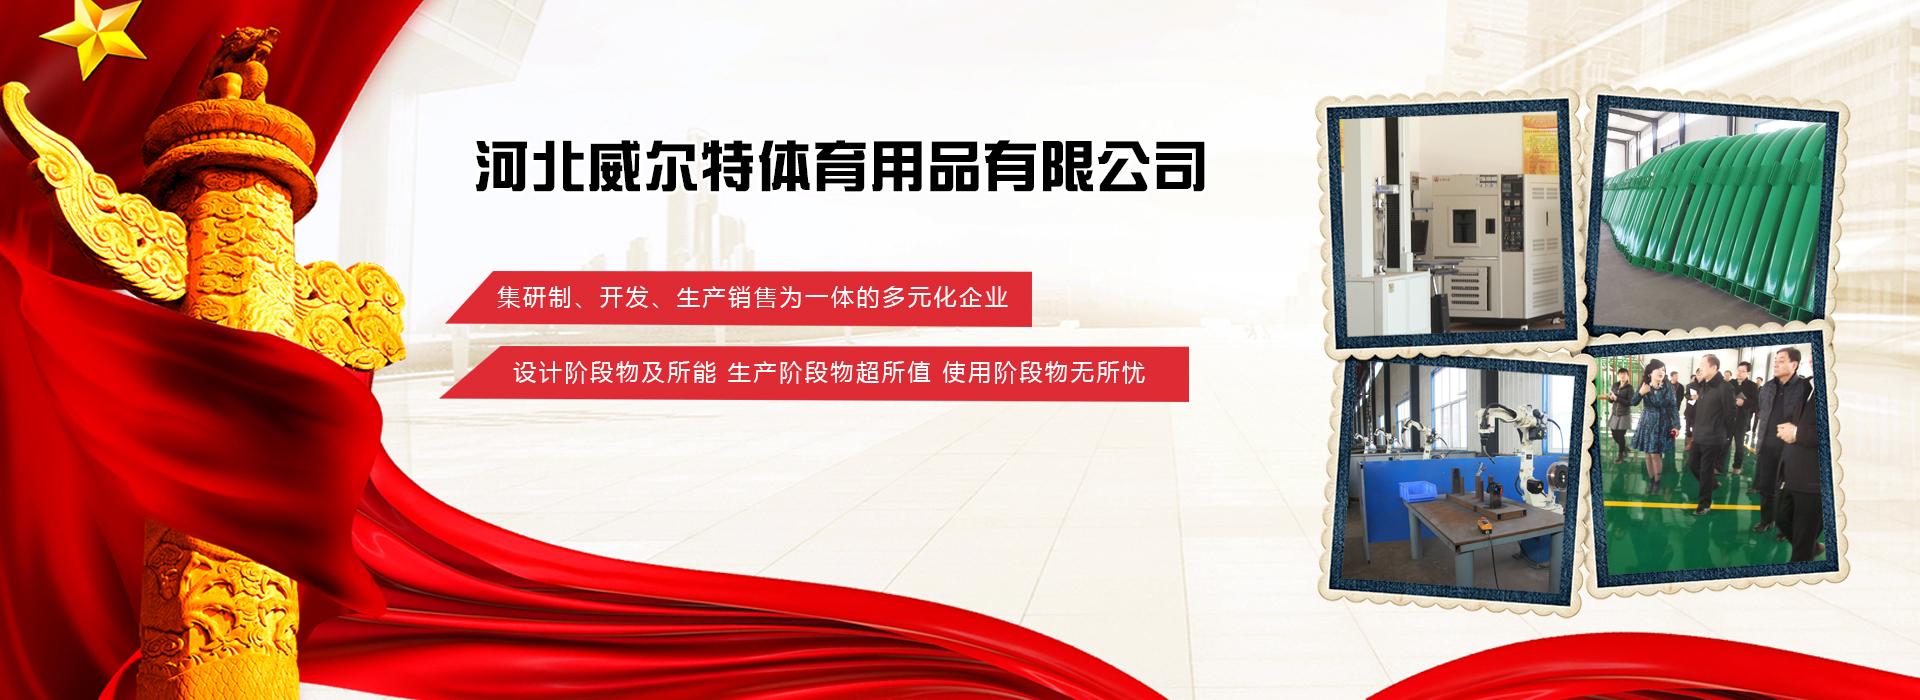 河北万博网页版地址万博客户端手机版有限公司